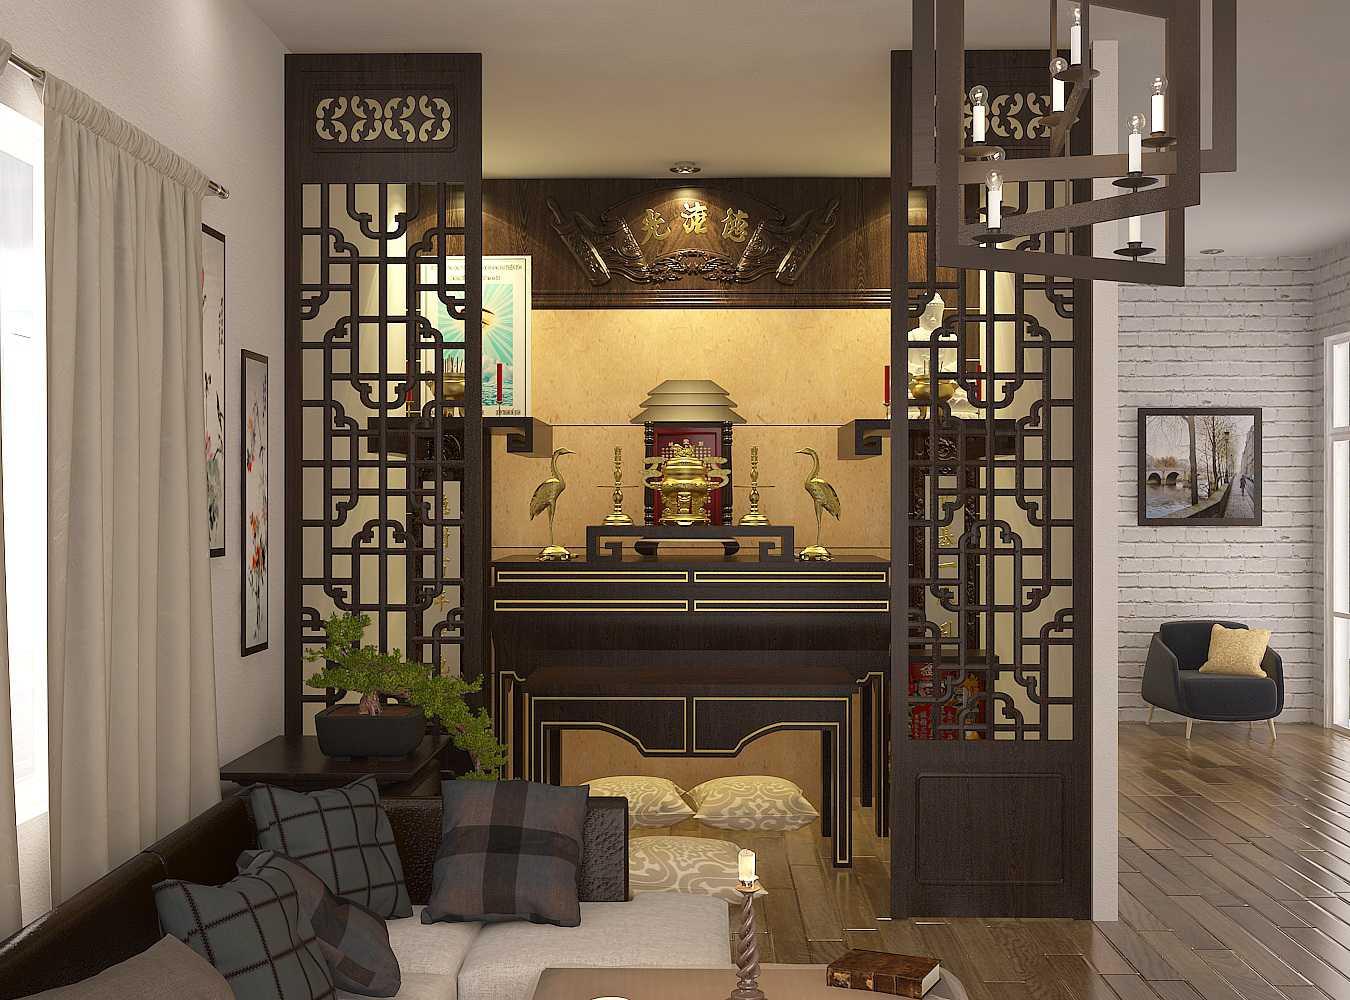 Thiết kế vách ngăn giữa phòng khách và gian thờ thể hiện sự tôn kính